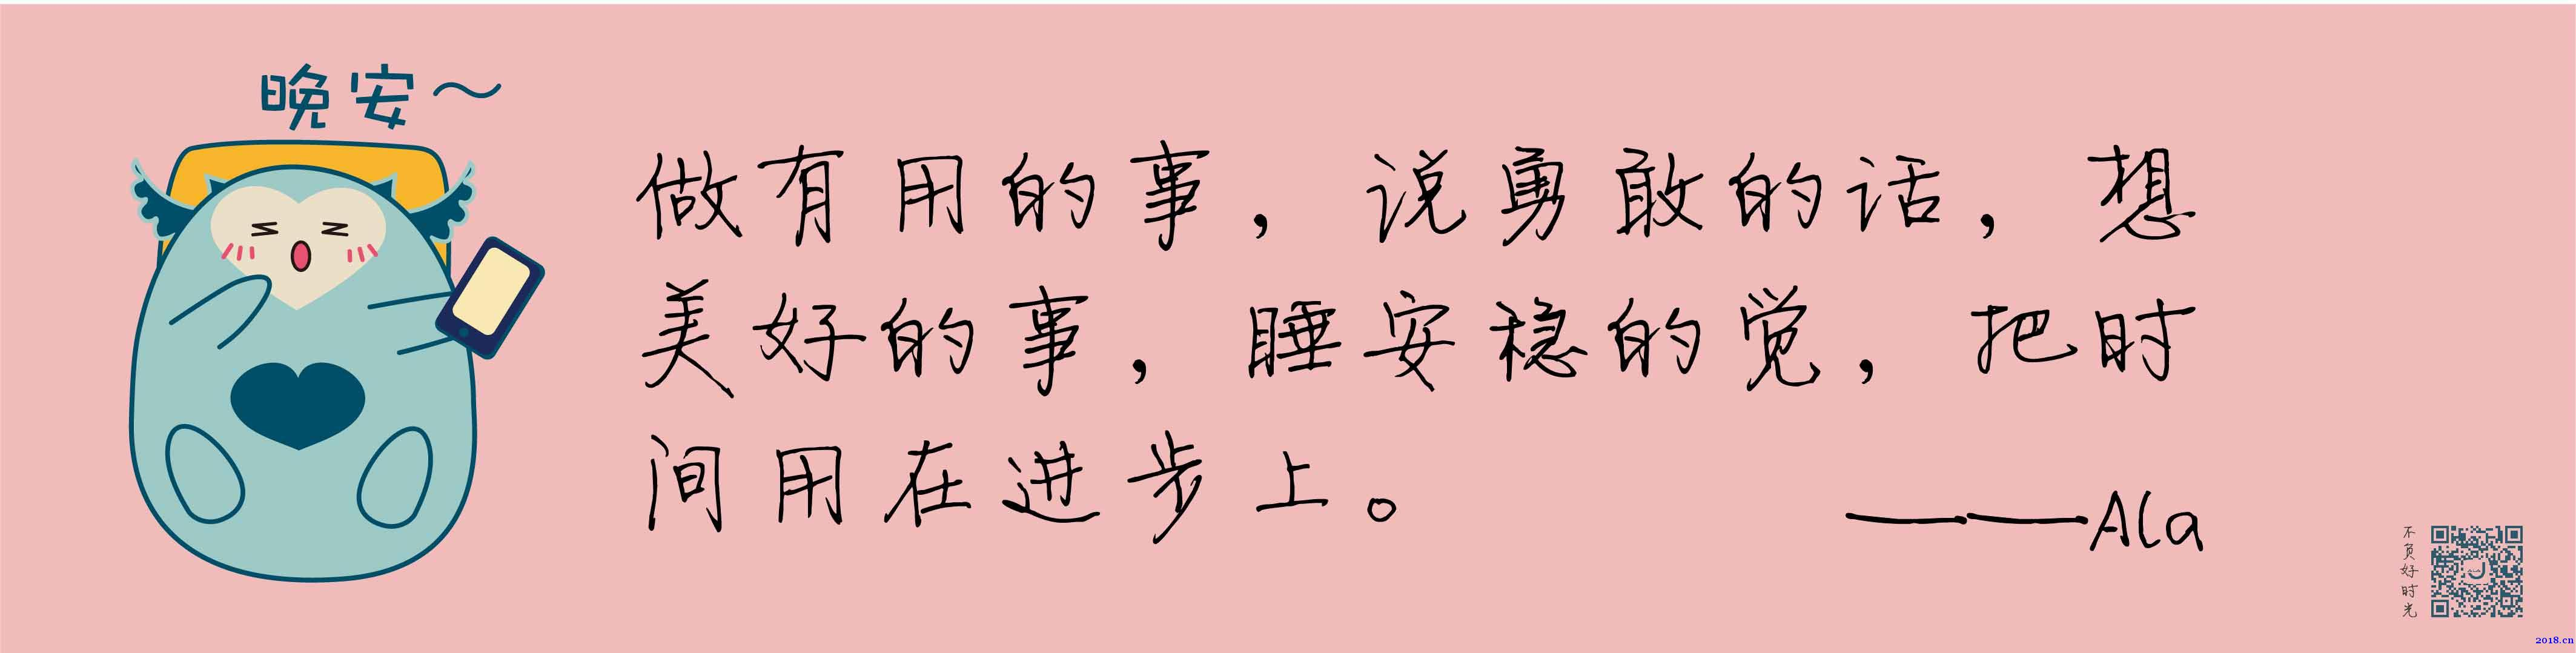 深圳阿拉卓盈酒店全梅州地区推广简介